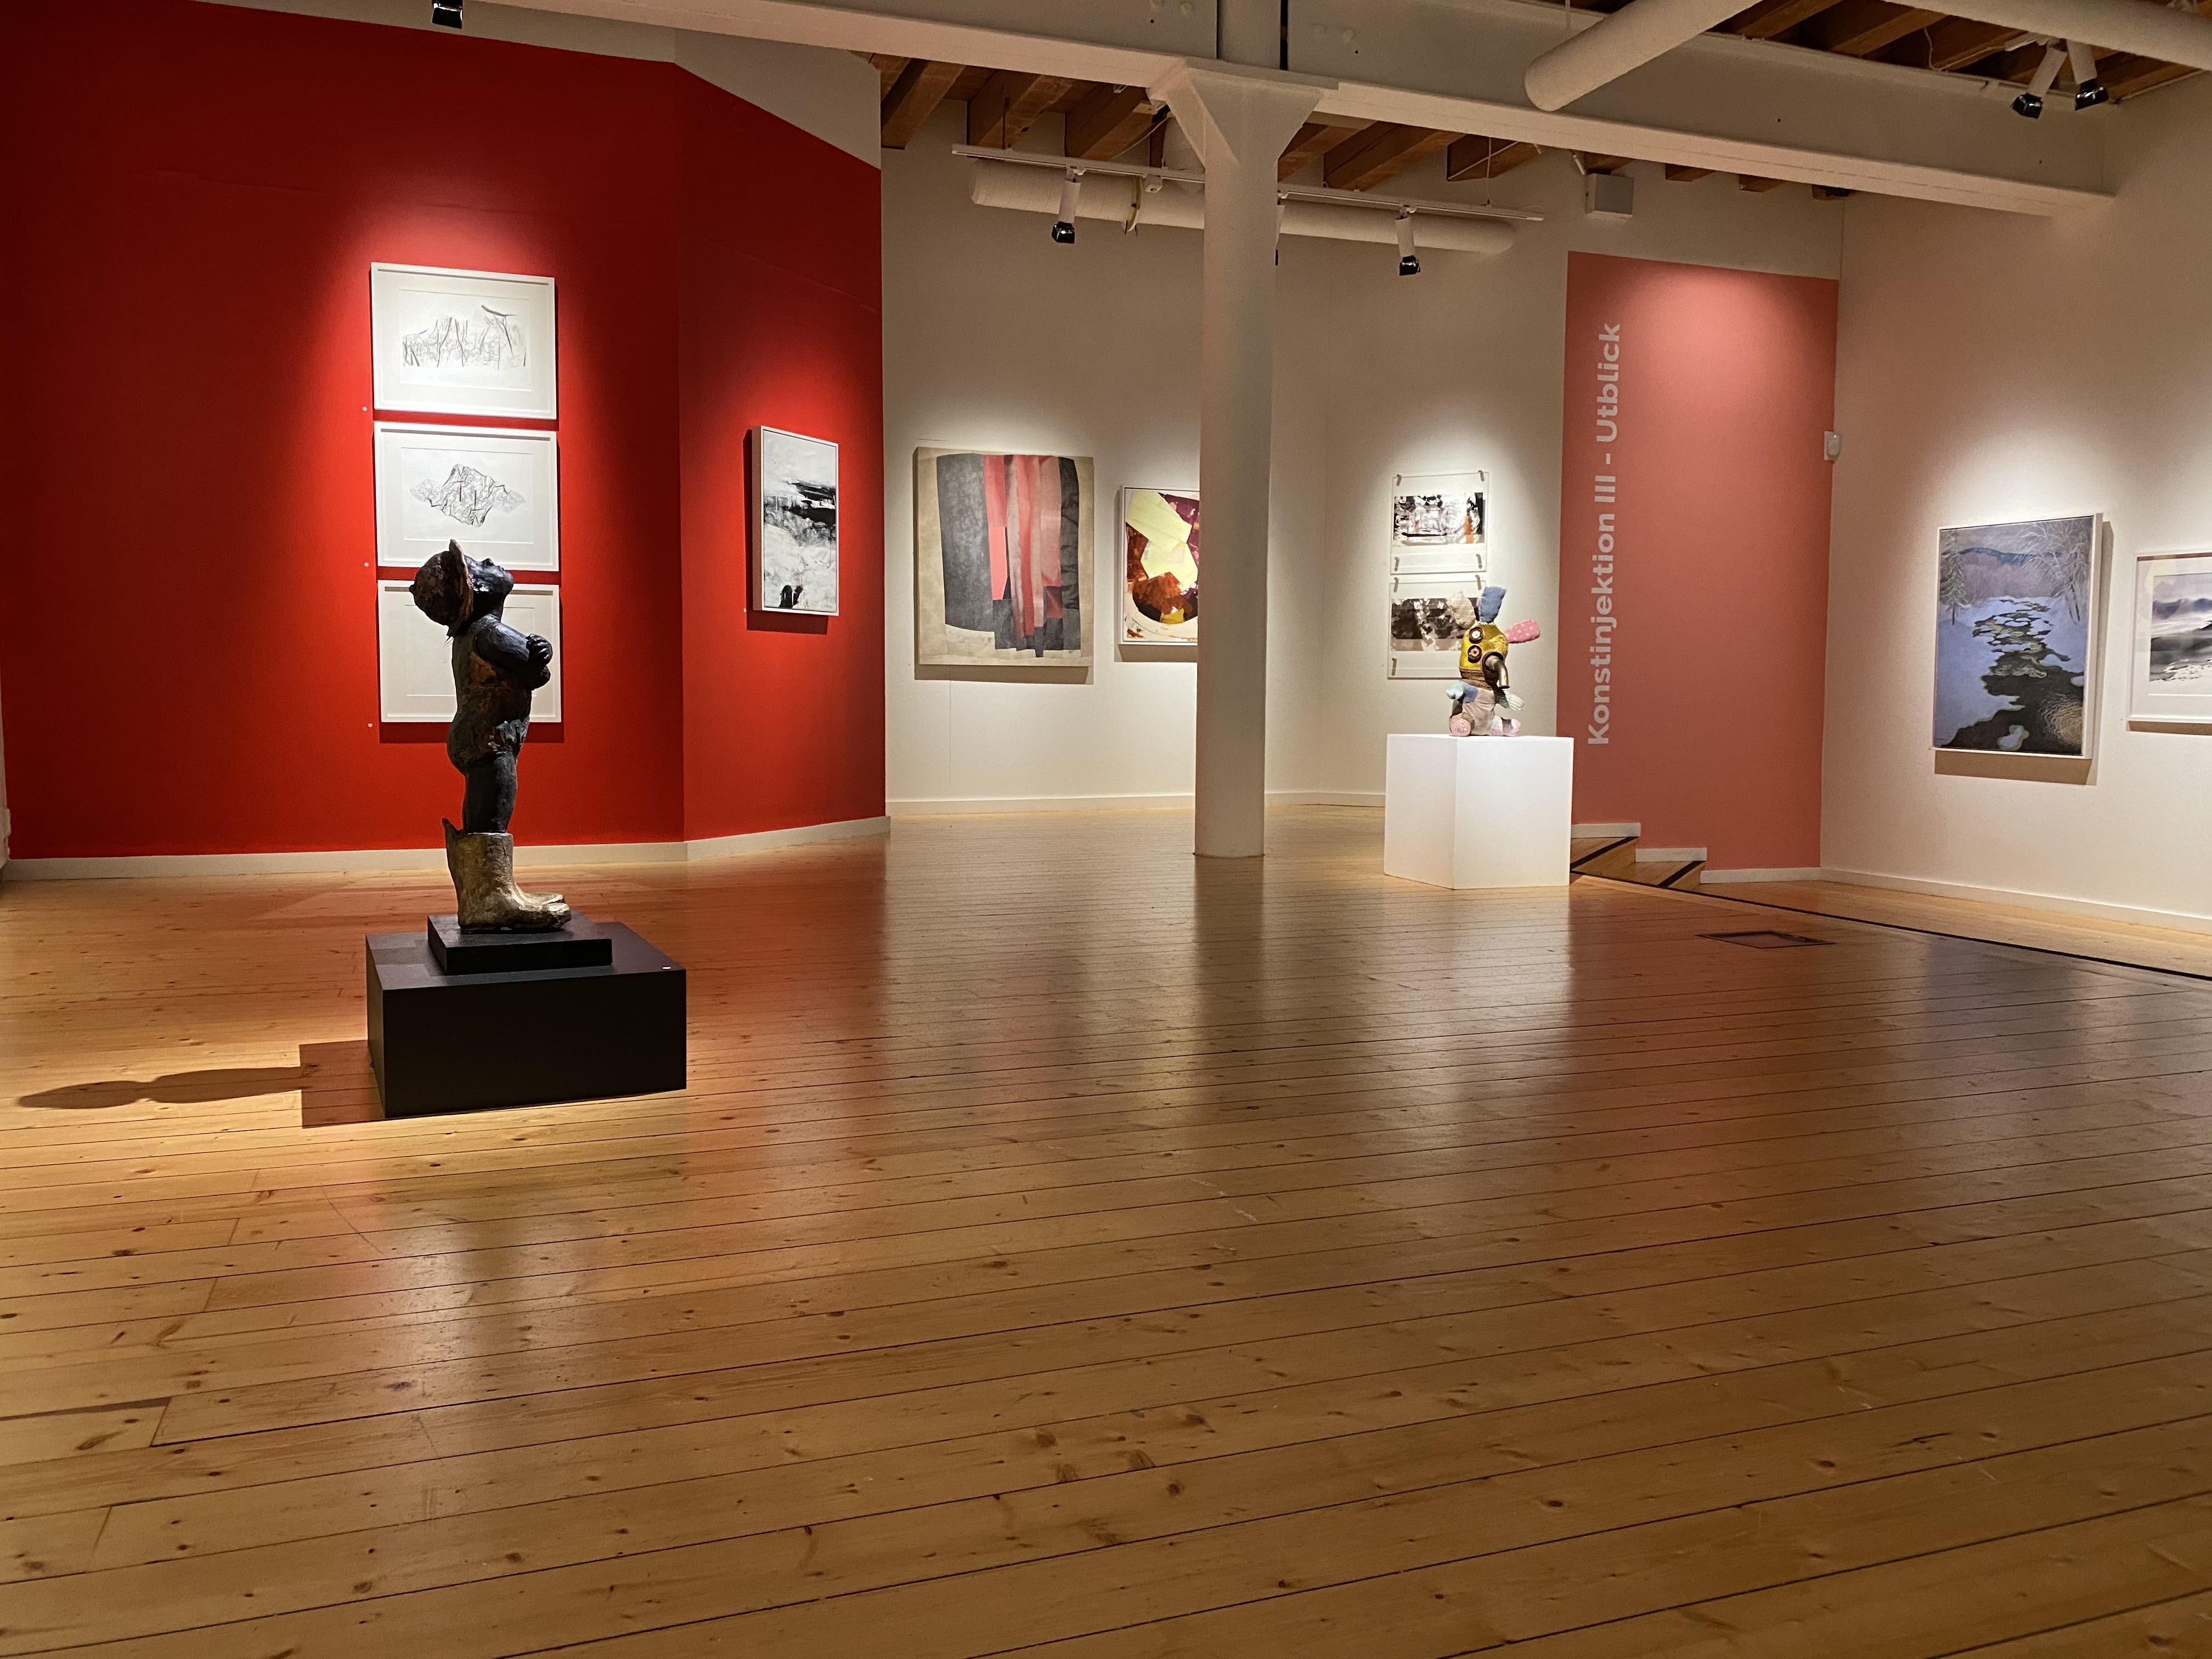 Ett foto från utställningslokalen där skulpturer, tavlor, installationer framhävs av spotlights